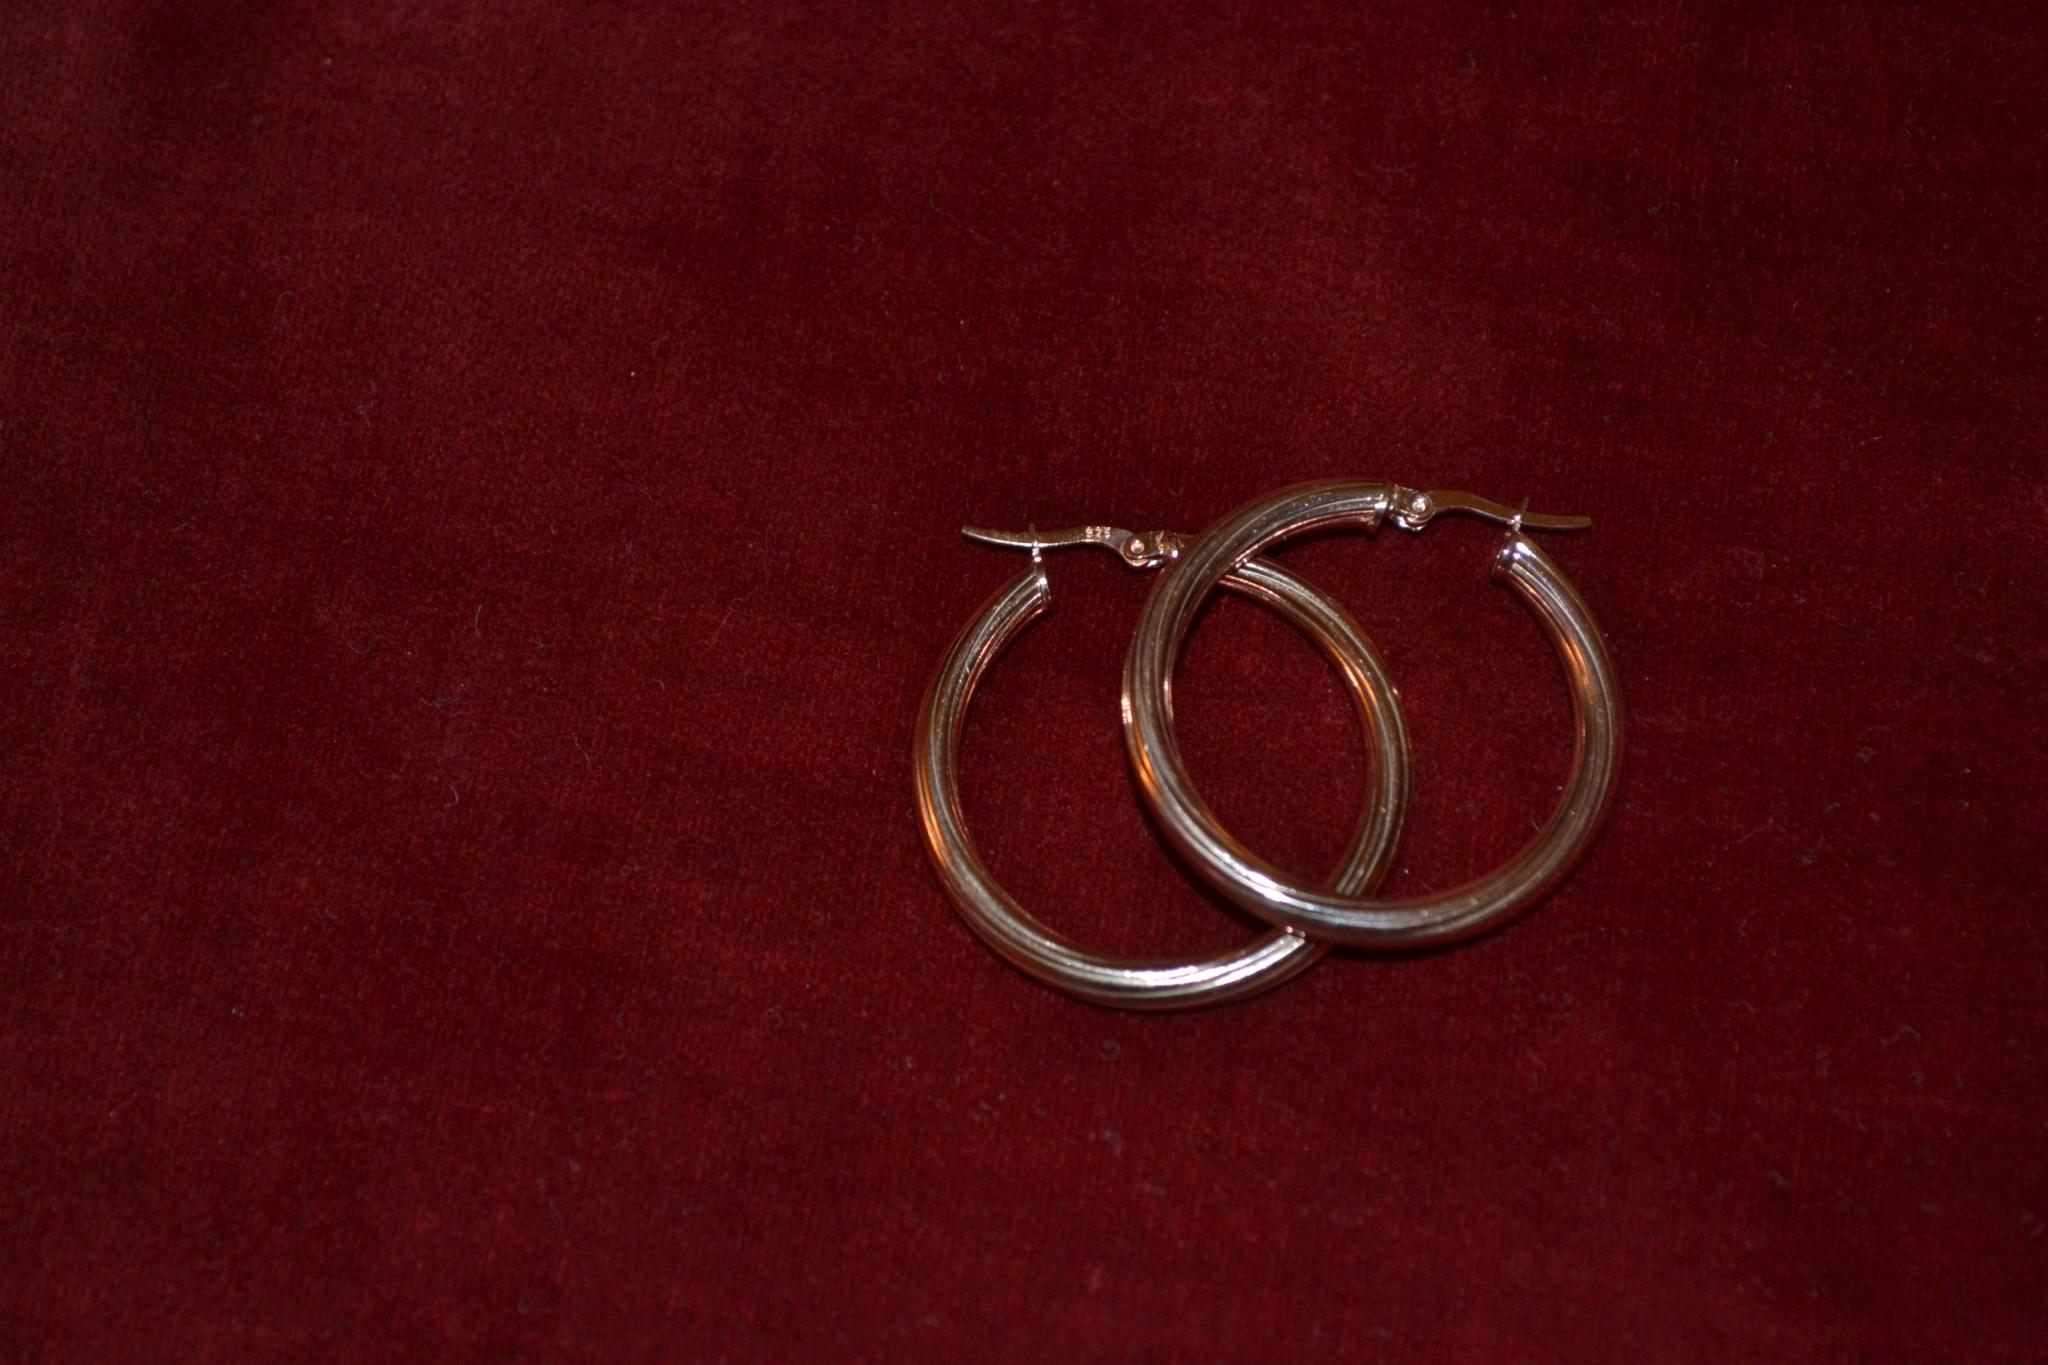 Σκουλαρίκια ασημένια-επιχρυσωμένα κρίκοι - Το μπαούλο της Γιαγιάς 51e4f44e687